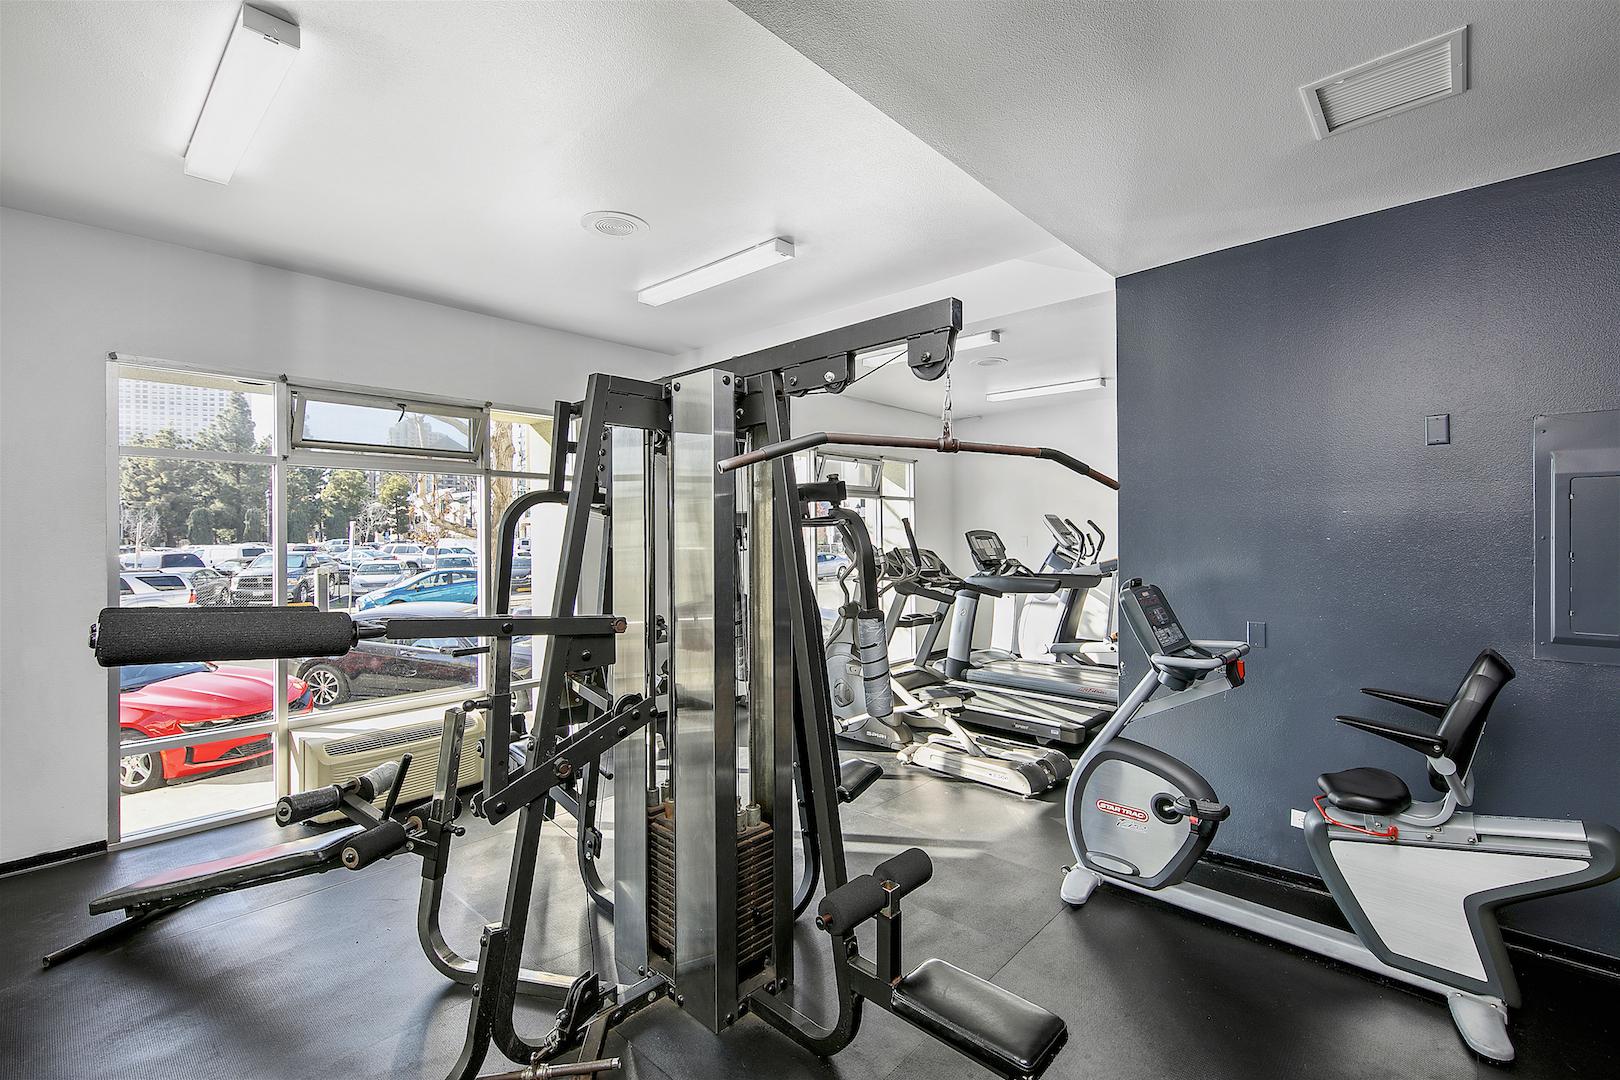 J Street Flats Fitness Center